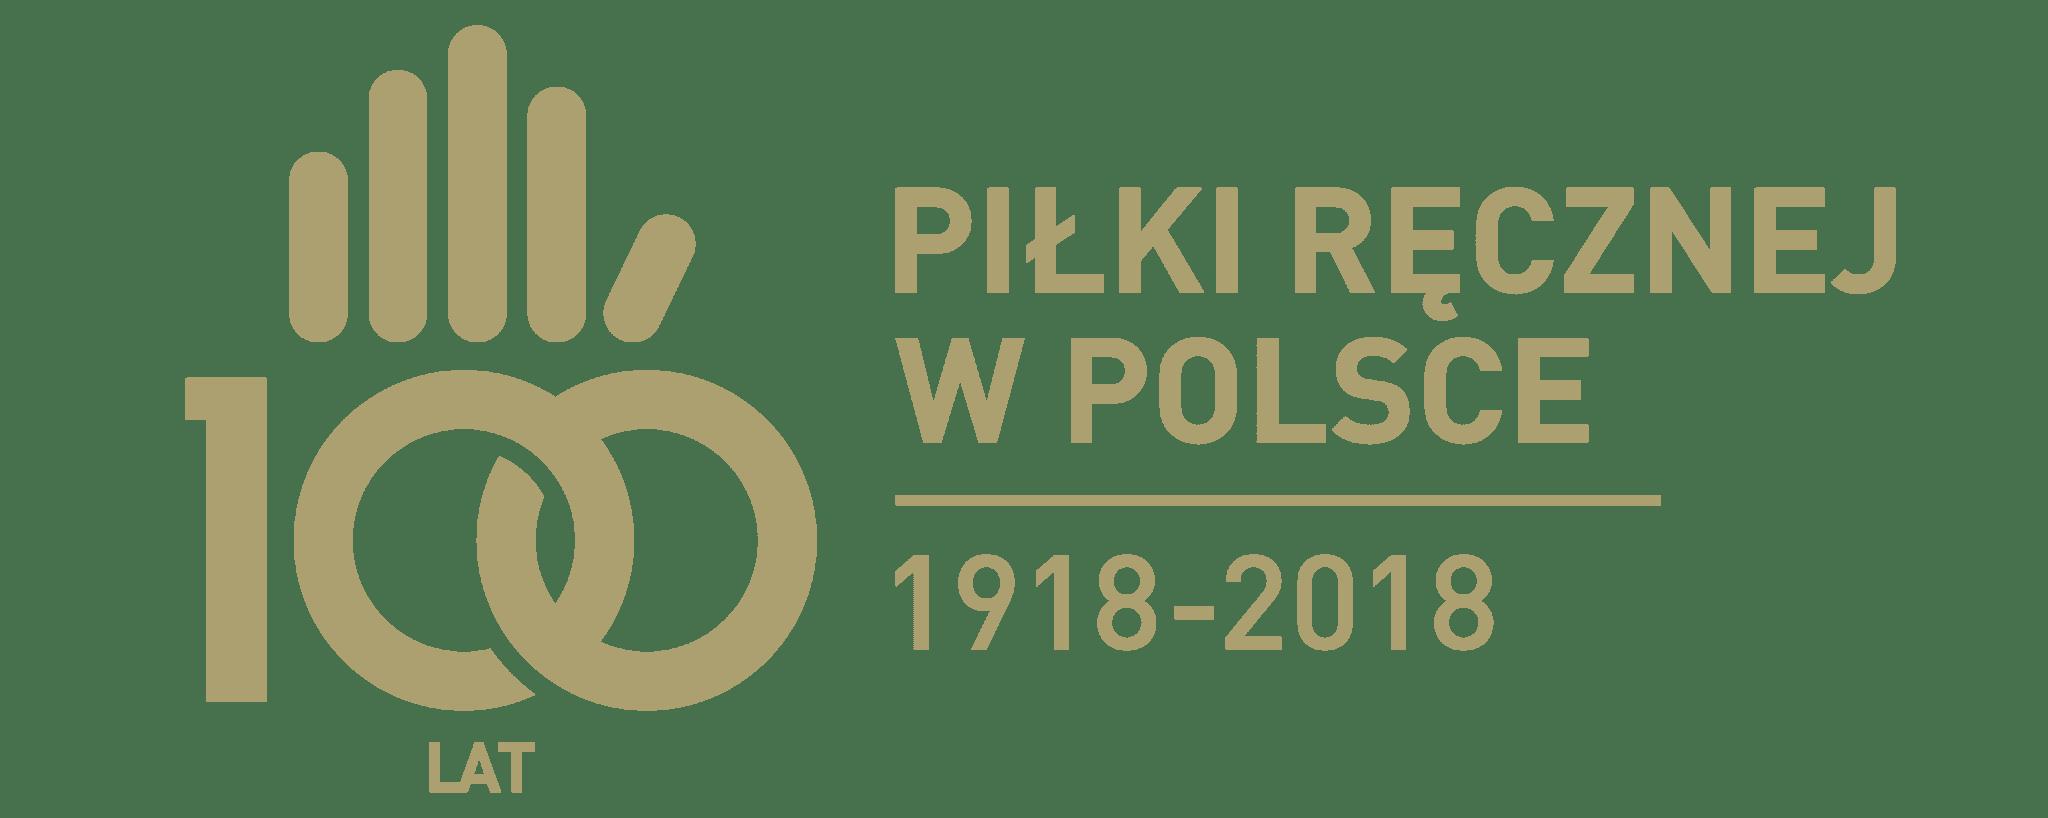 100 Lat Piłki Ręcznej w Polsce